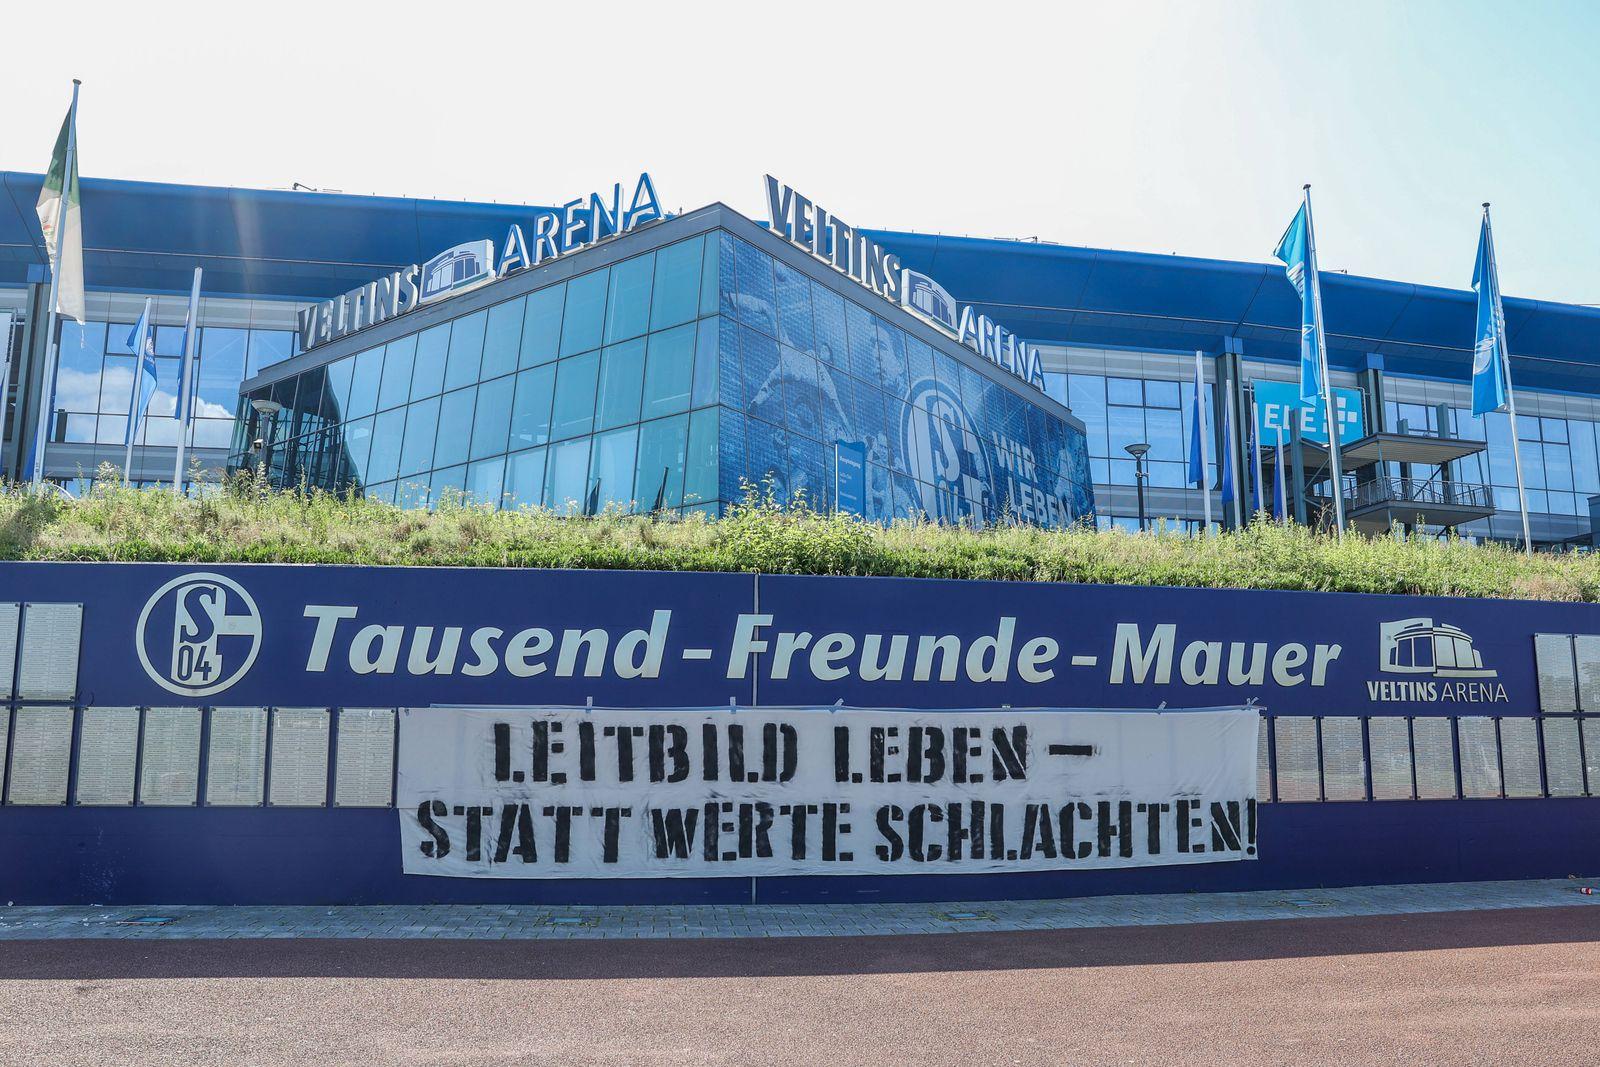 23.06.2020, Fussball, 1. Bundesliga, Saison 2019/2020, Protestaktion der Fans gegen den Aufsichtsratsvorsitzenden Cleme